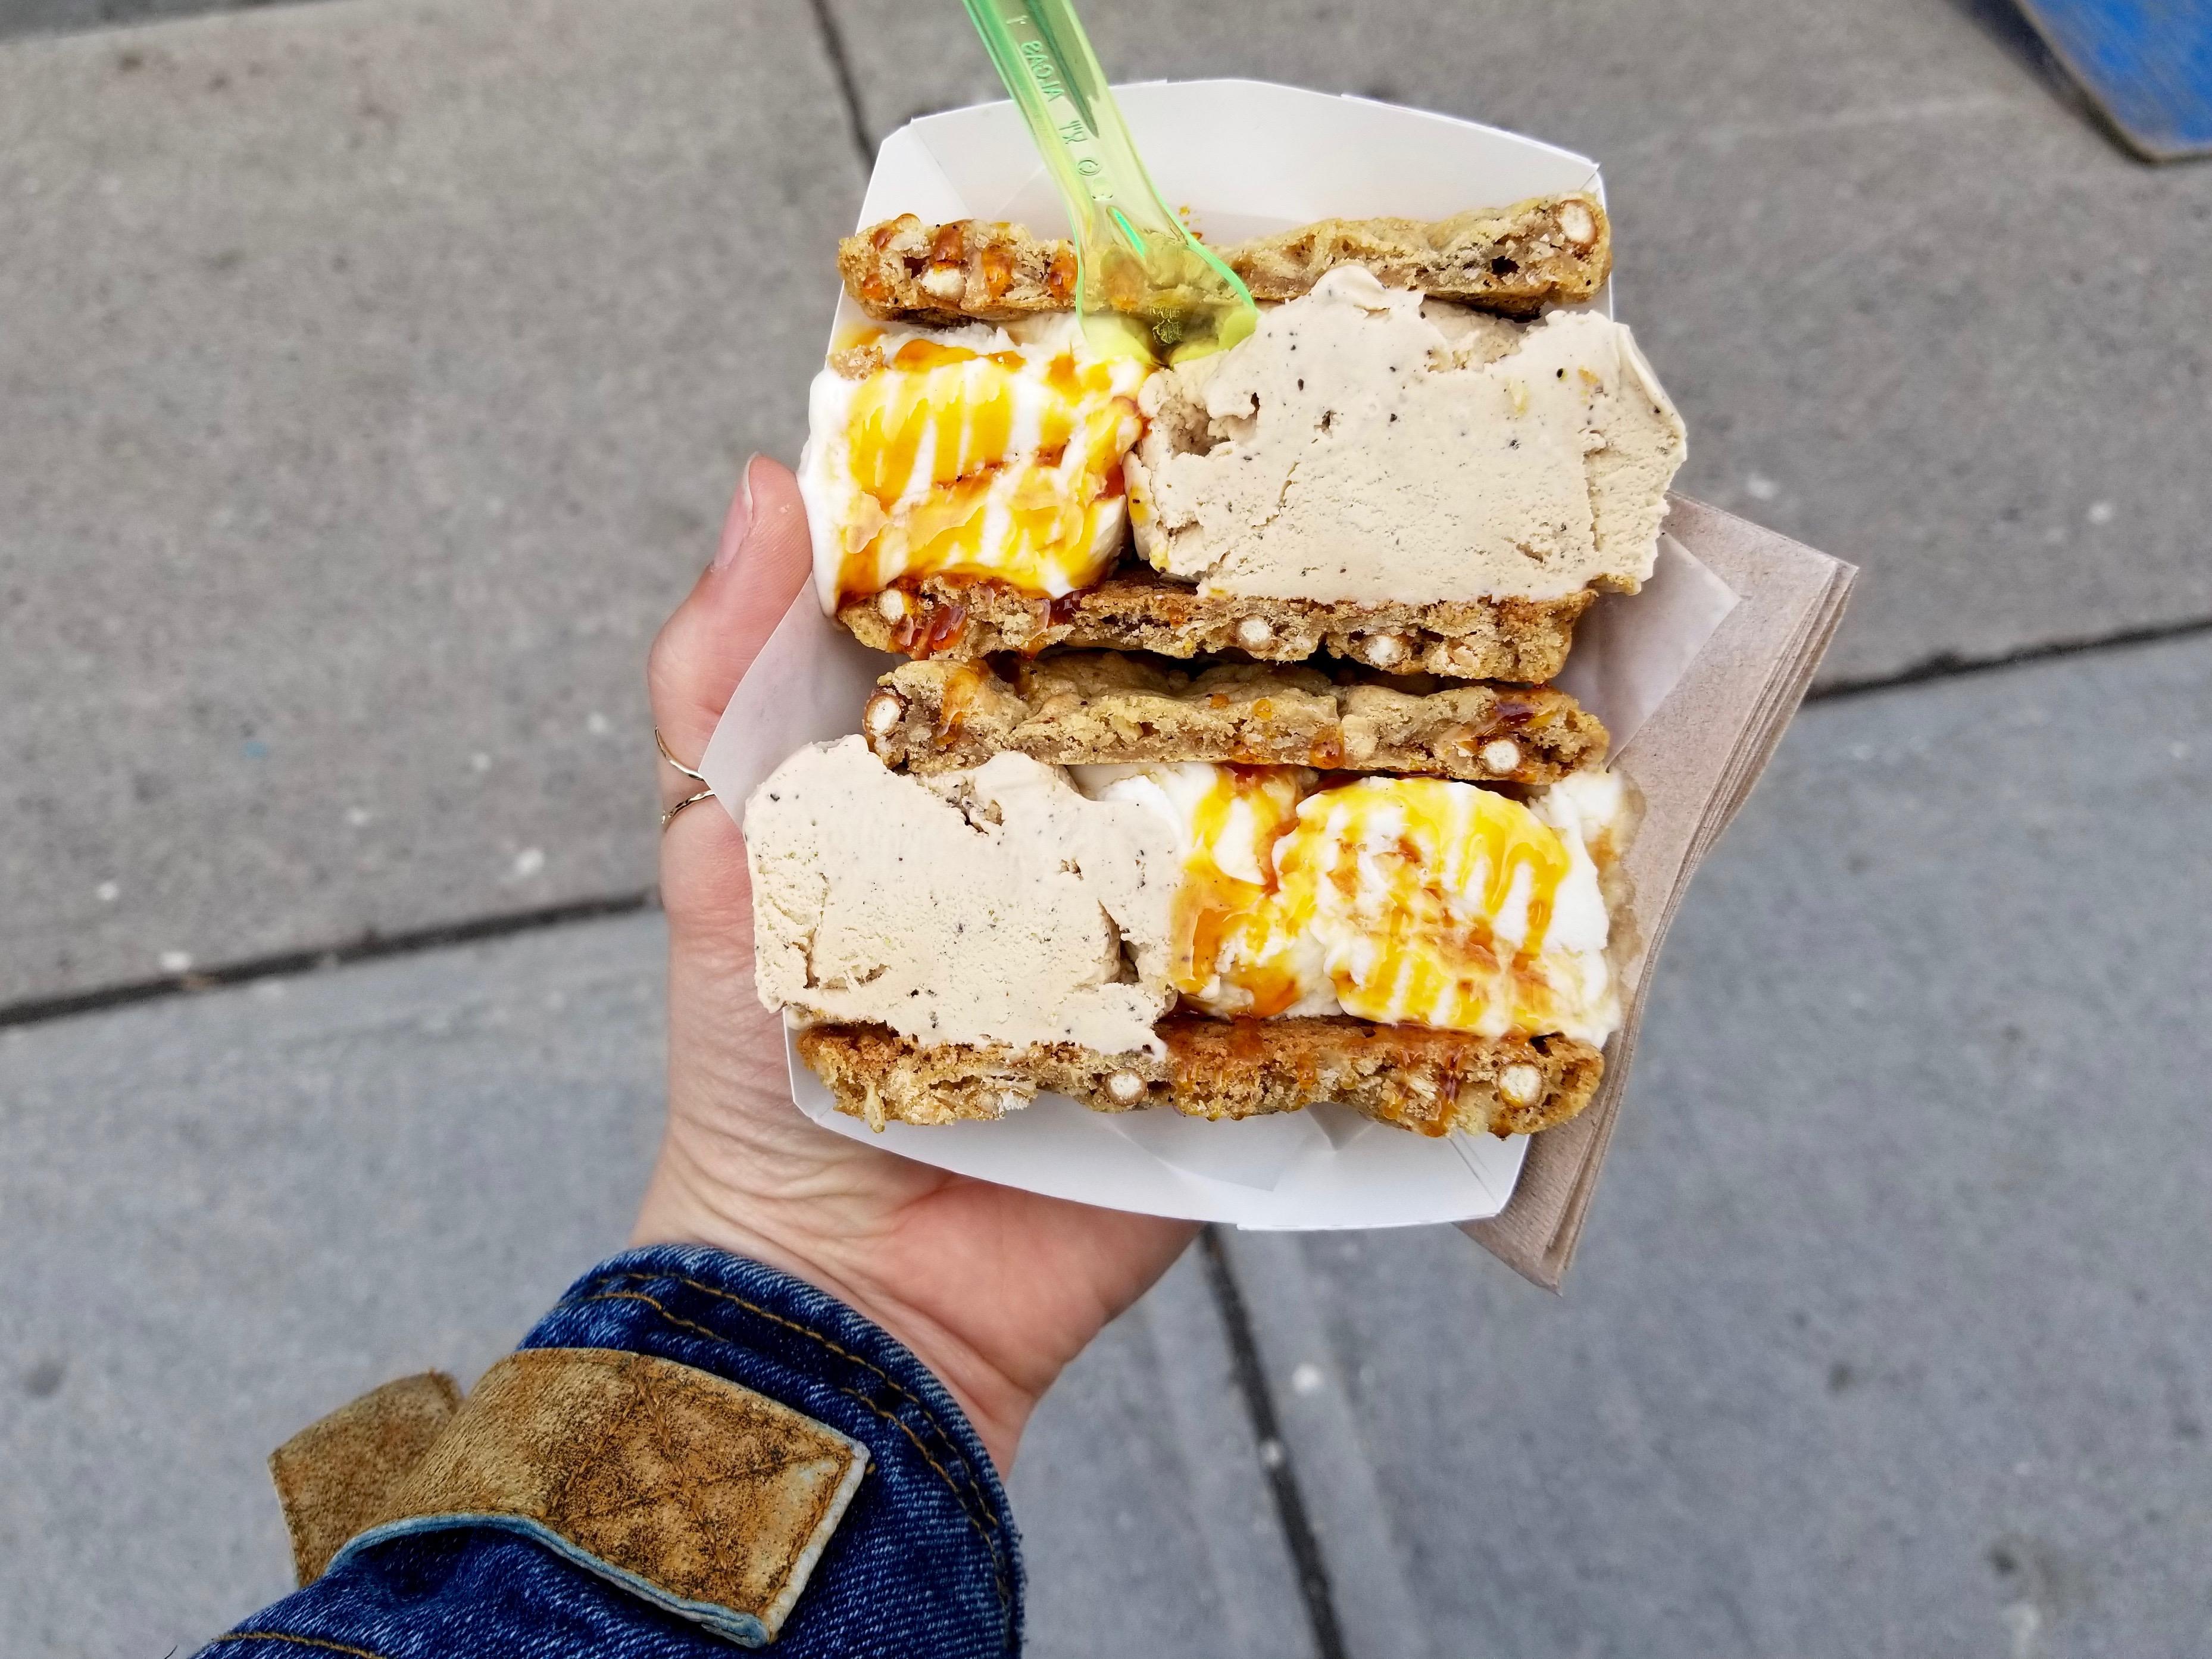 BangBang Ice Cream Sandwich Toronto Ontario Canada